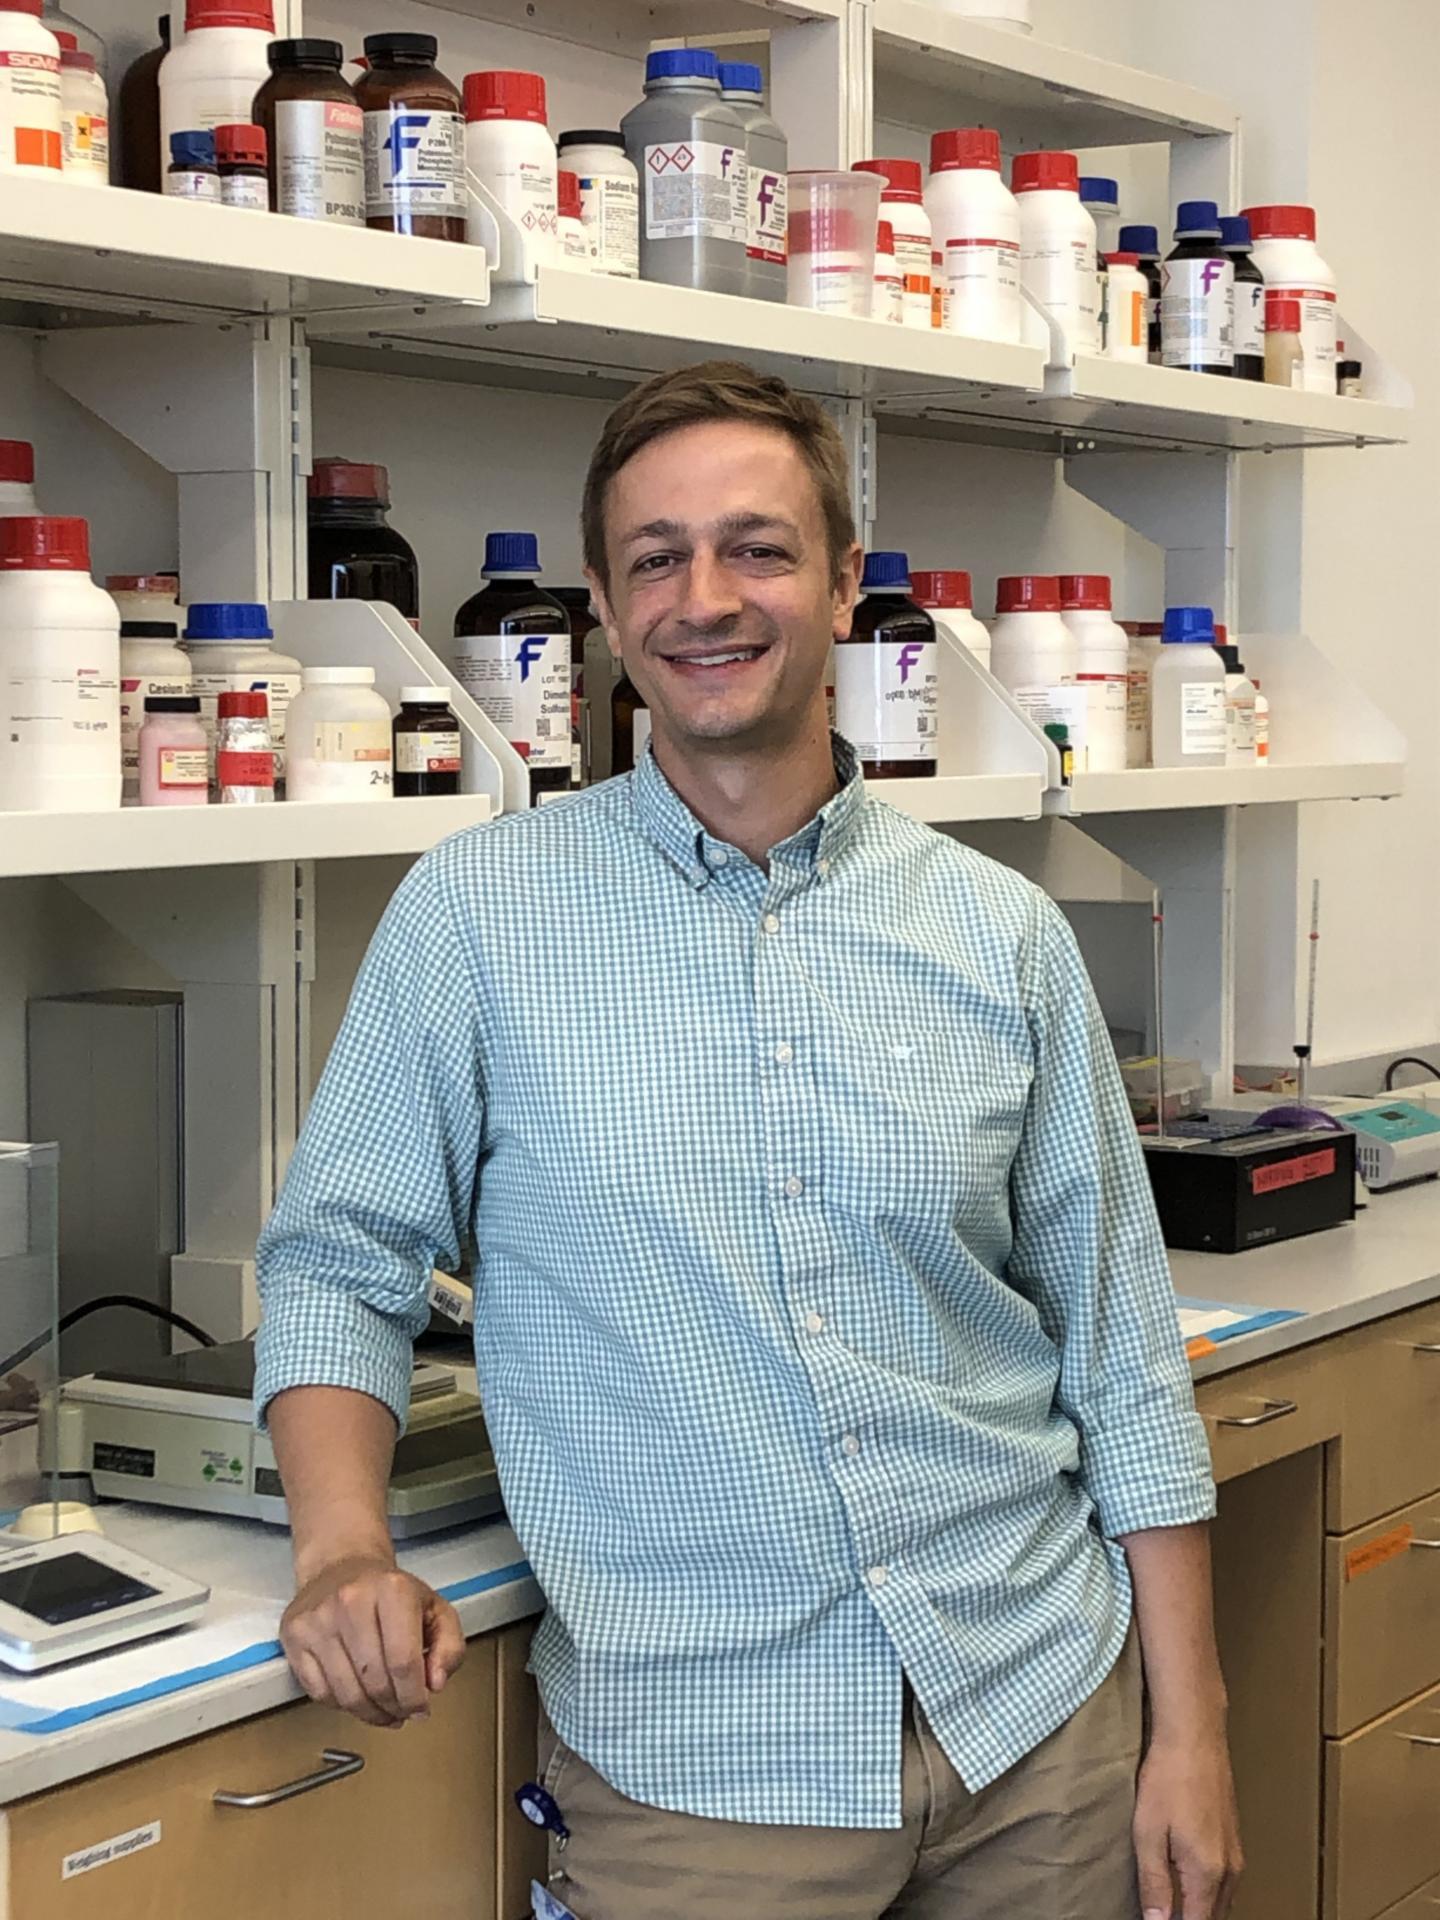 Kyle McCommis, Ph.D., Saint Louis University